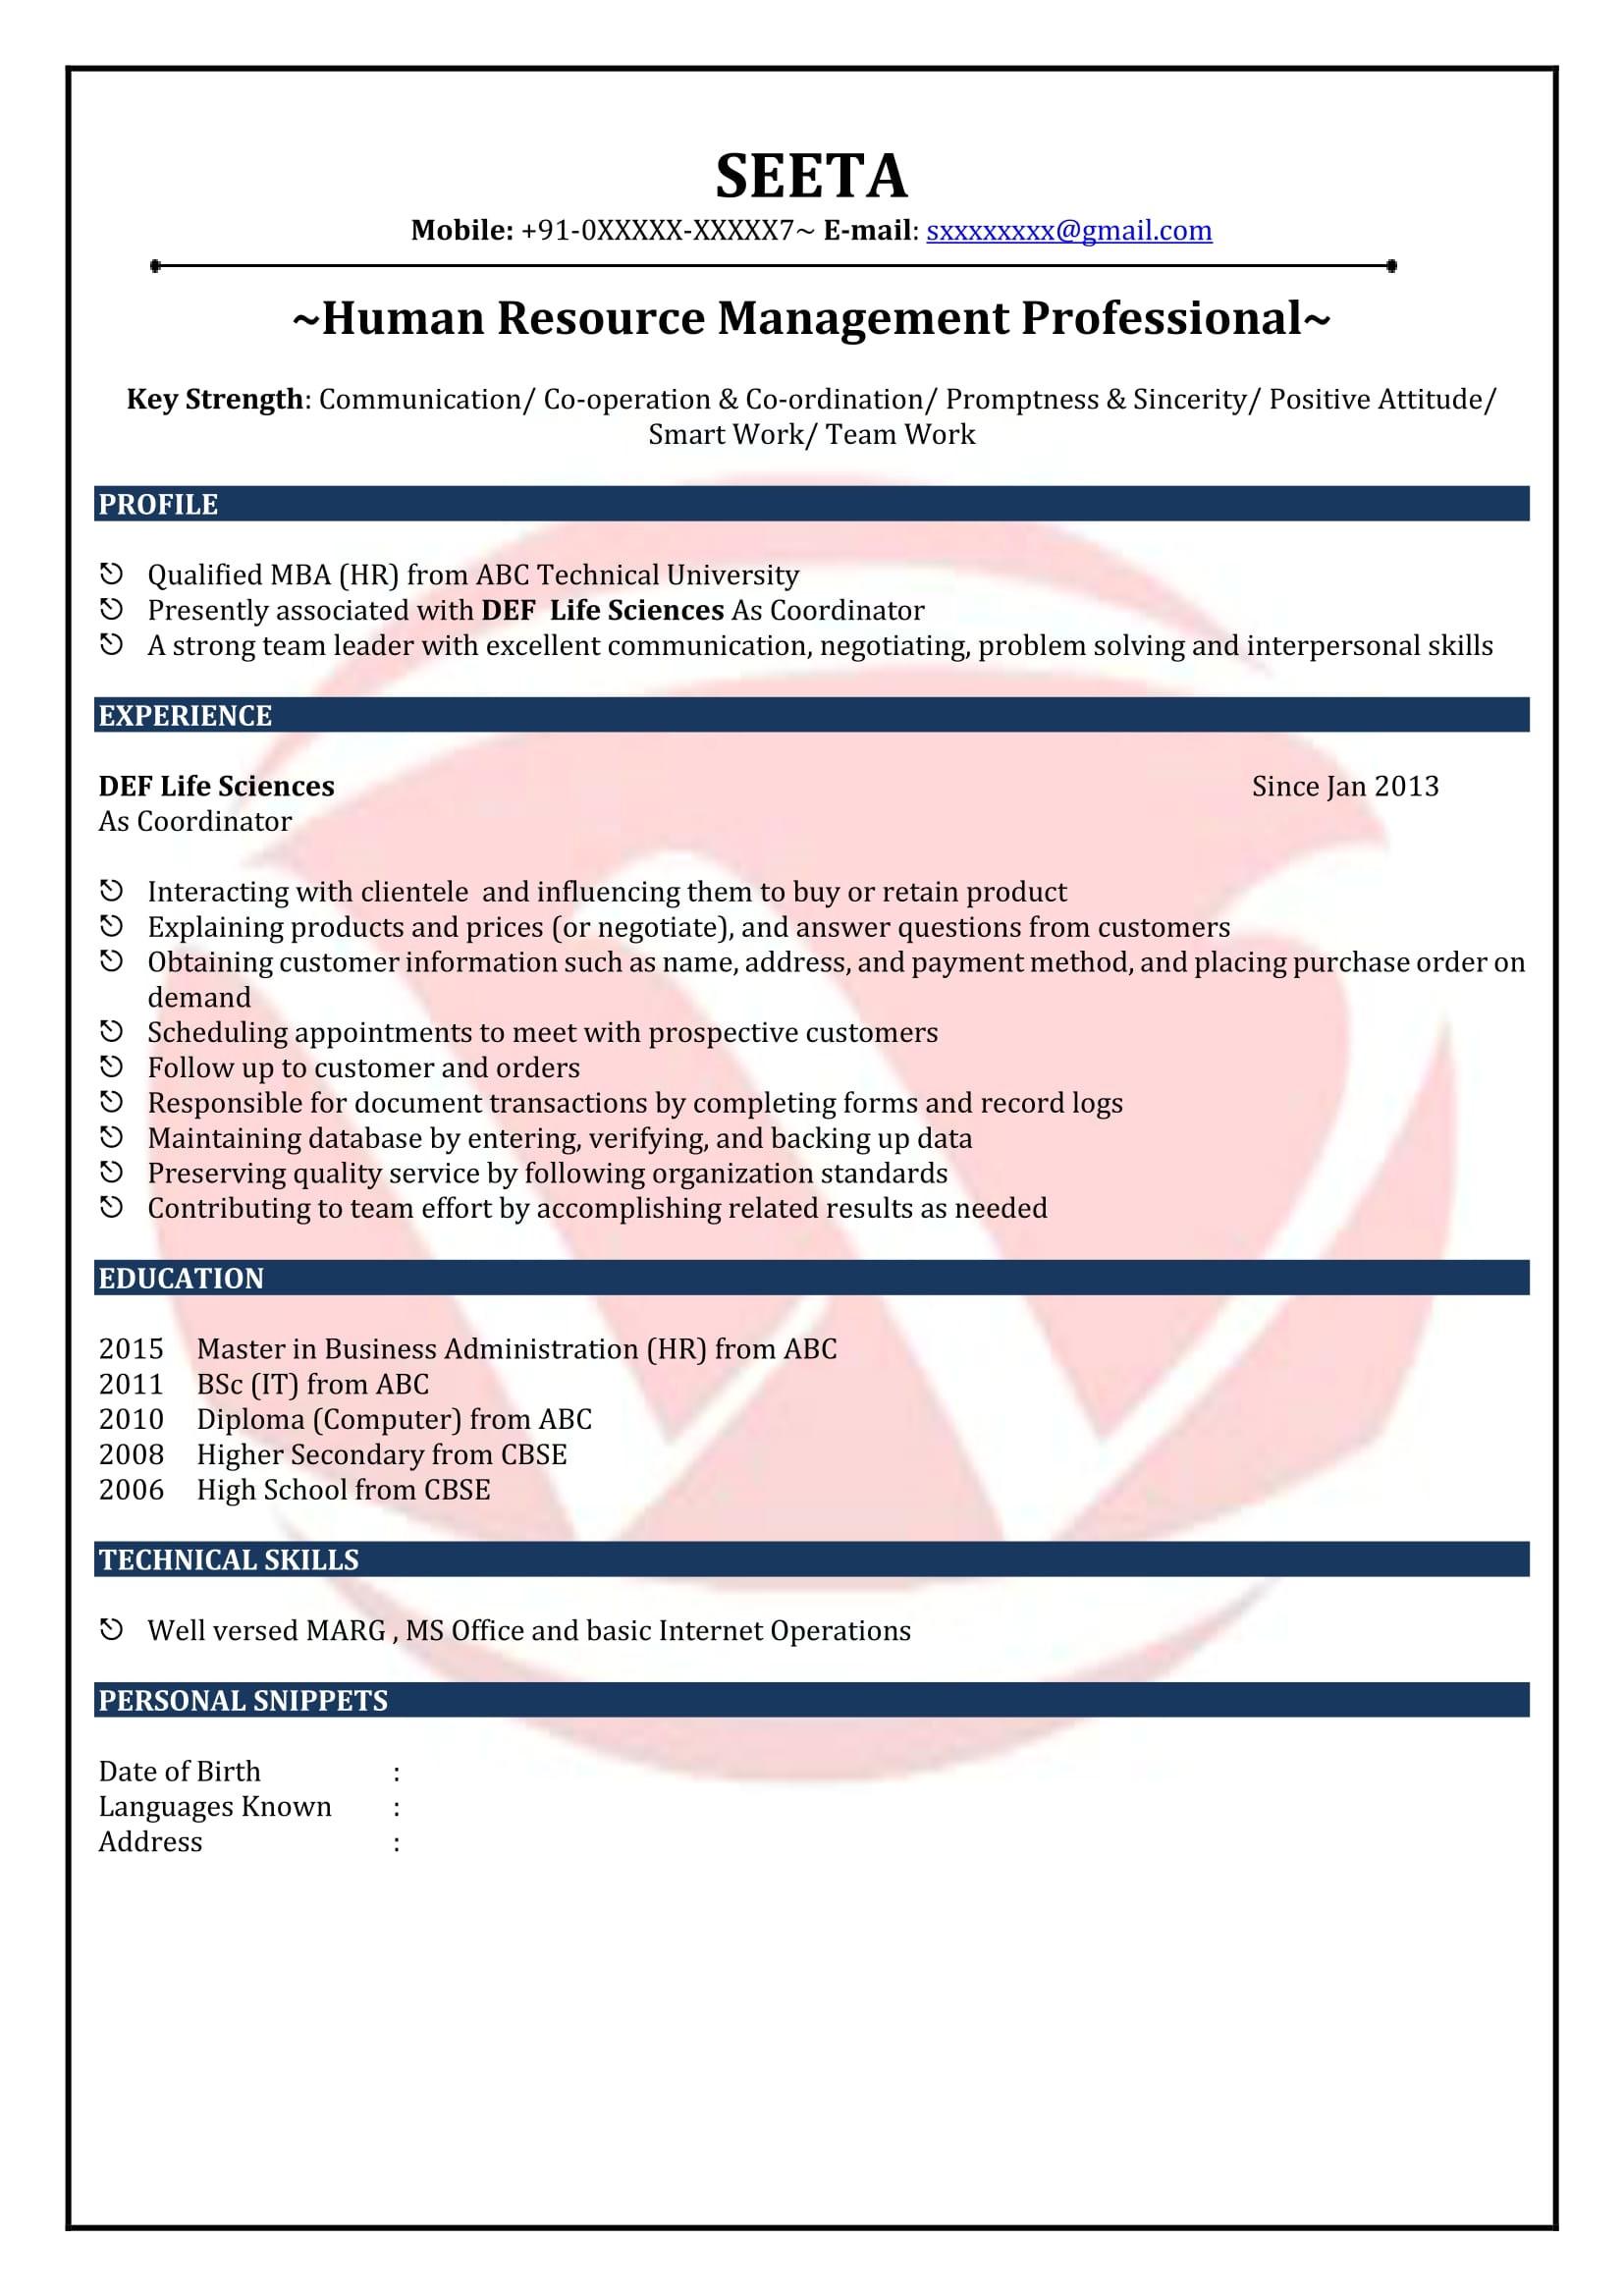 Fresher Resume Sample In Usa Mba Fresher Resume format Resume Template Easy Http